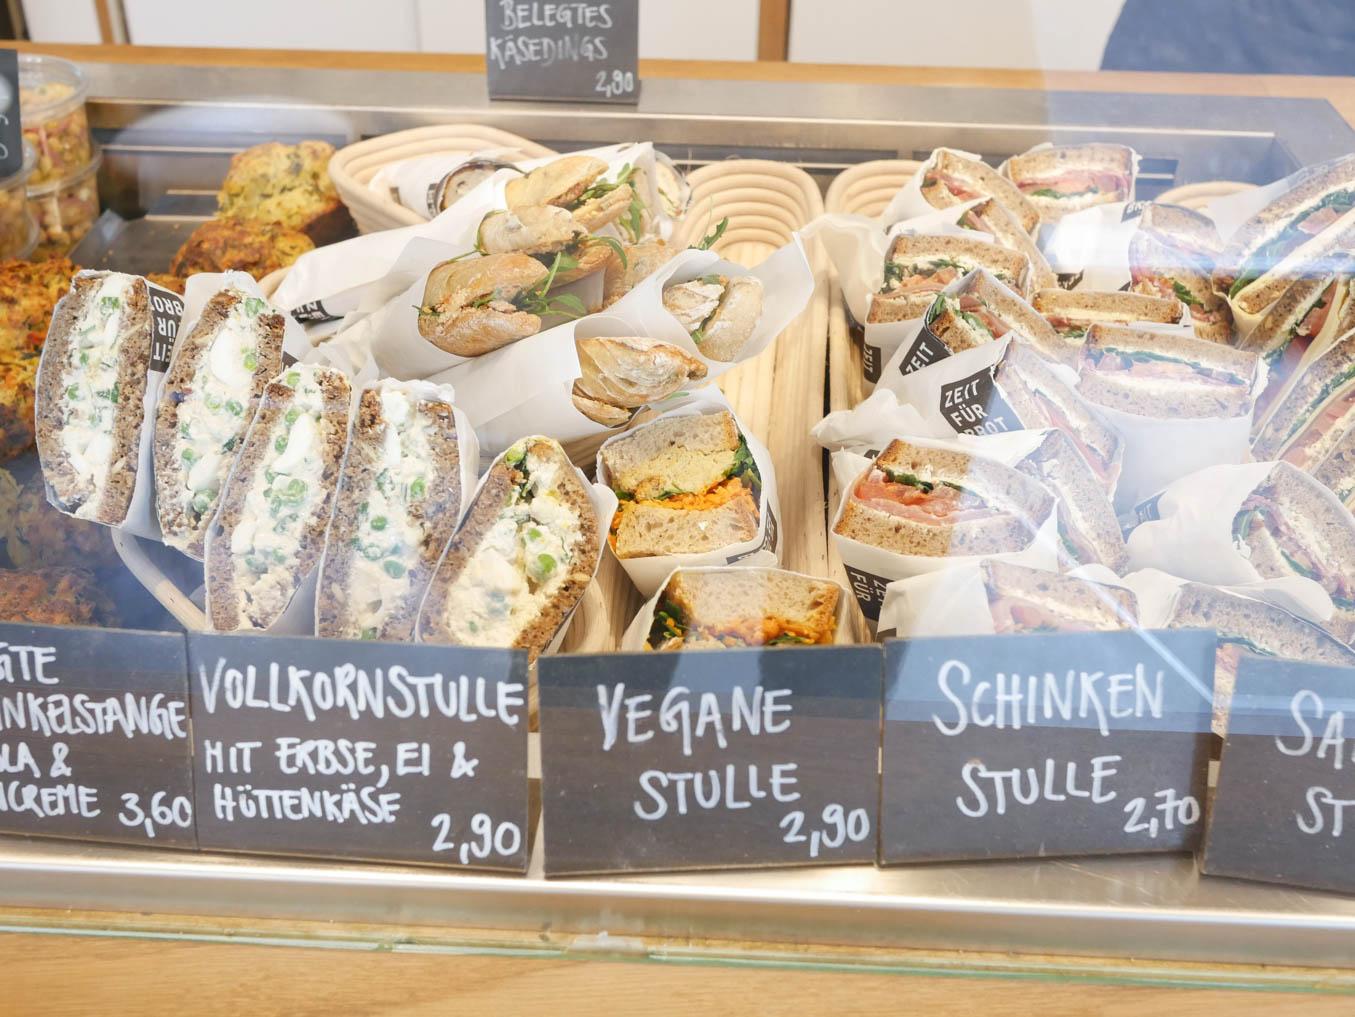 Café in Köln Ehrenfeld - Zeit für Brot - Frühstück